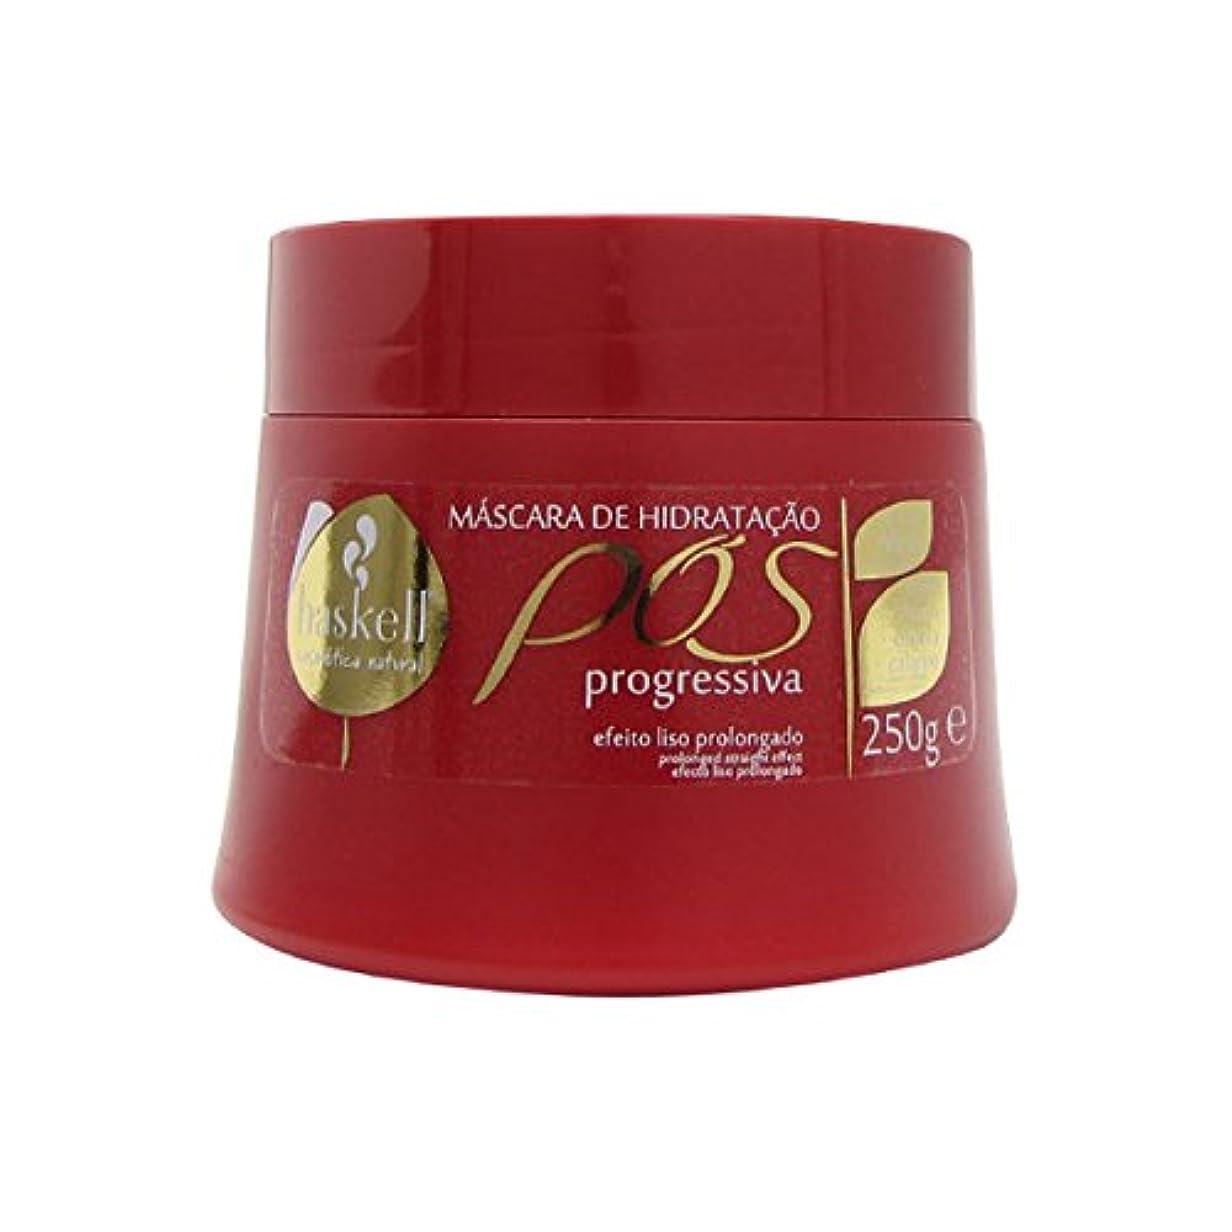 重力ナインへ避けるHaskell P Progressiva Hair Mask 250g [並行輸入品]